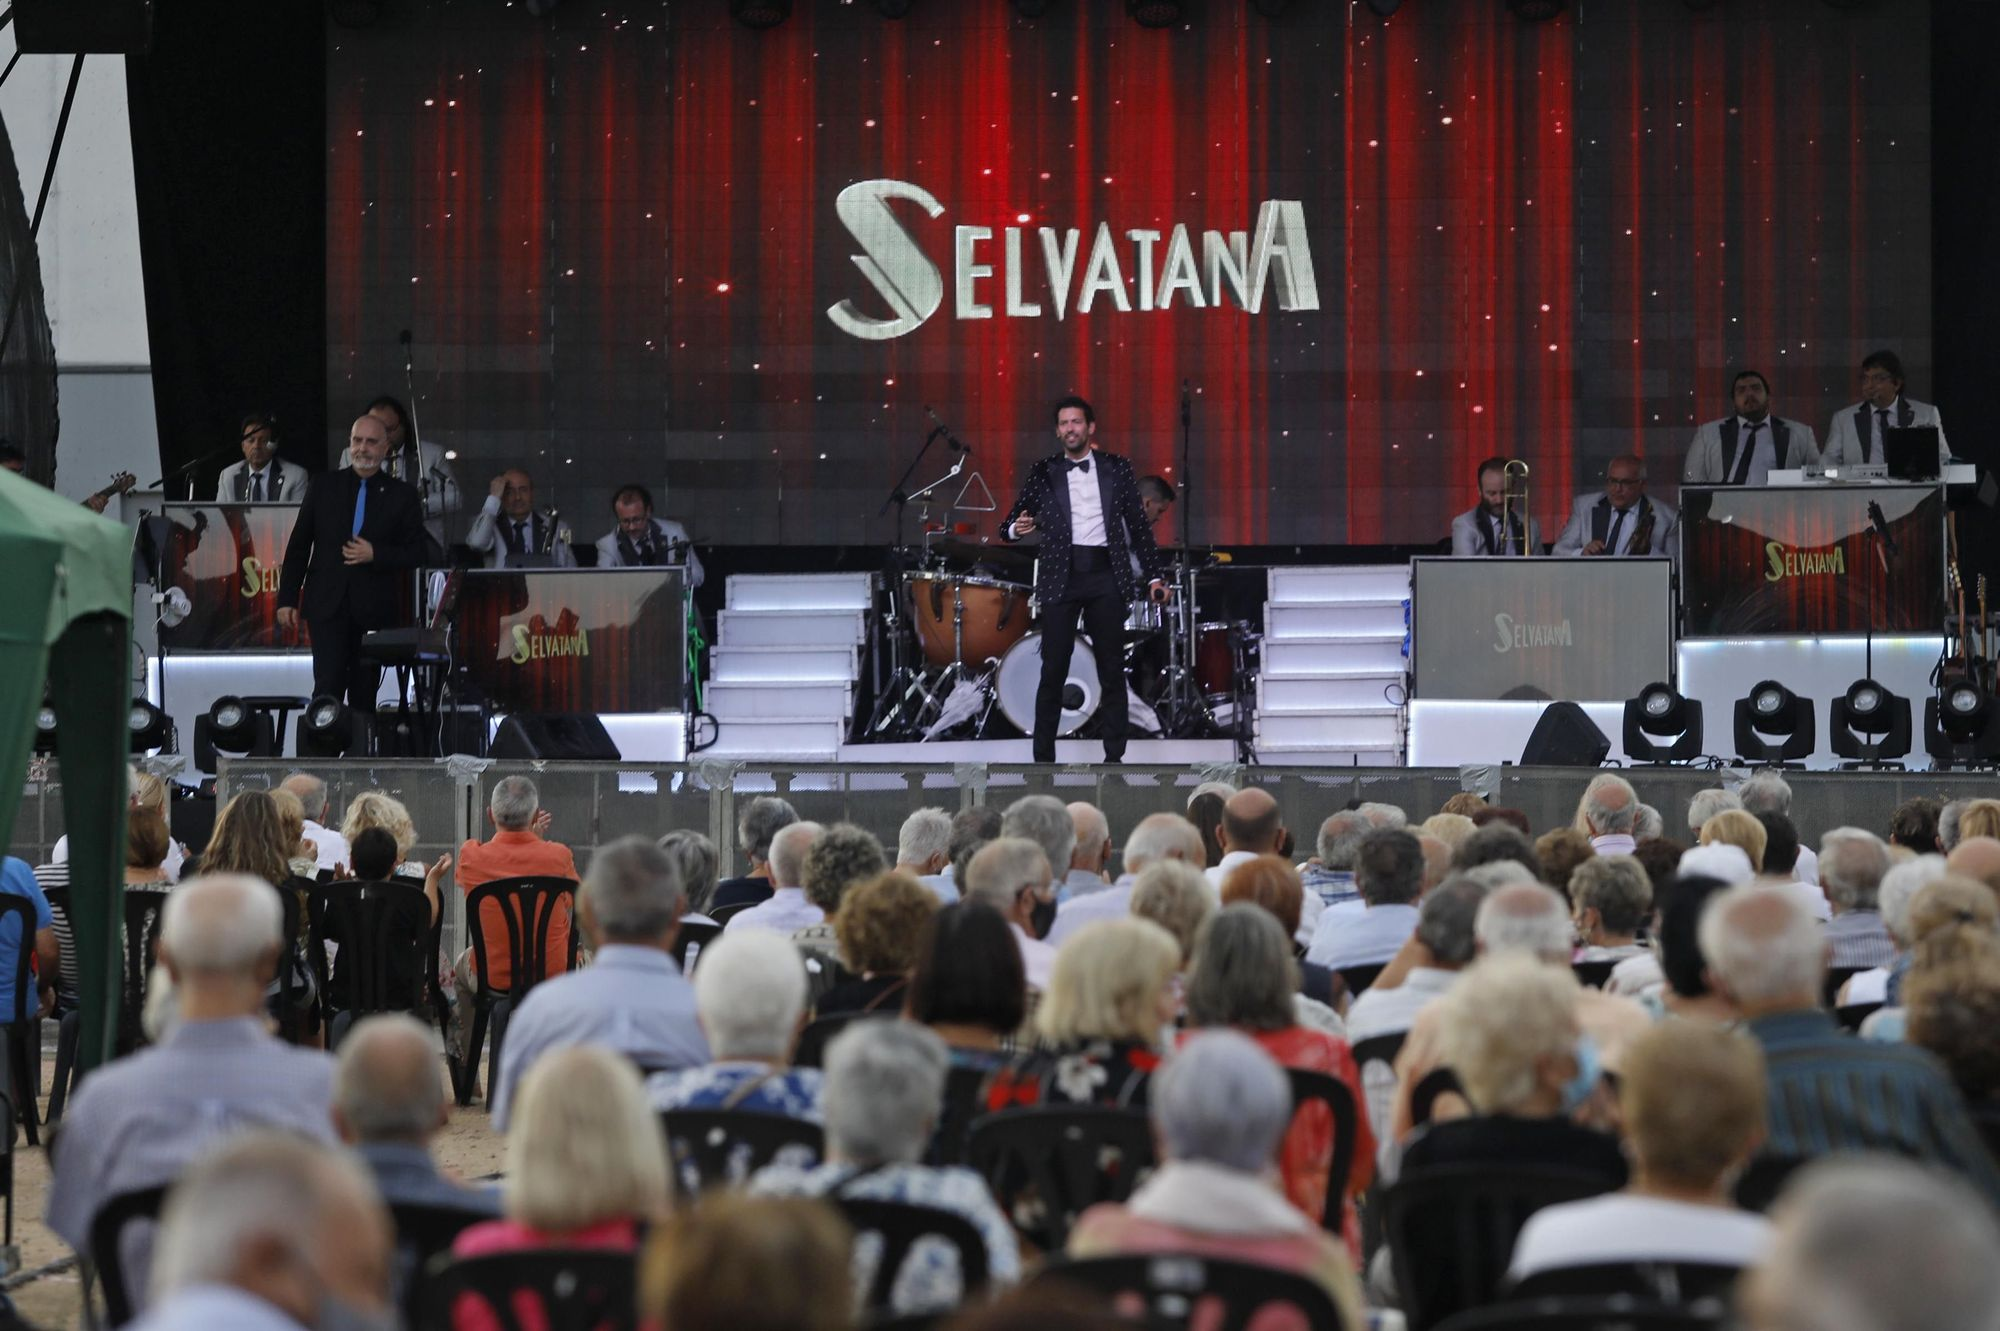 L'Orquestra Selvatana tanca el cap de setmana de Festa Major a Sarrià de Ter